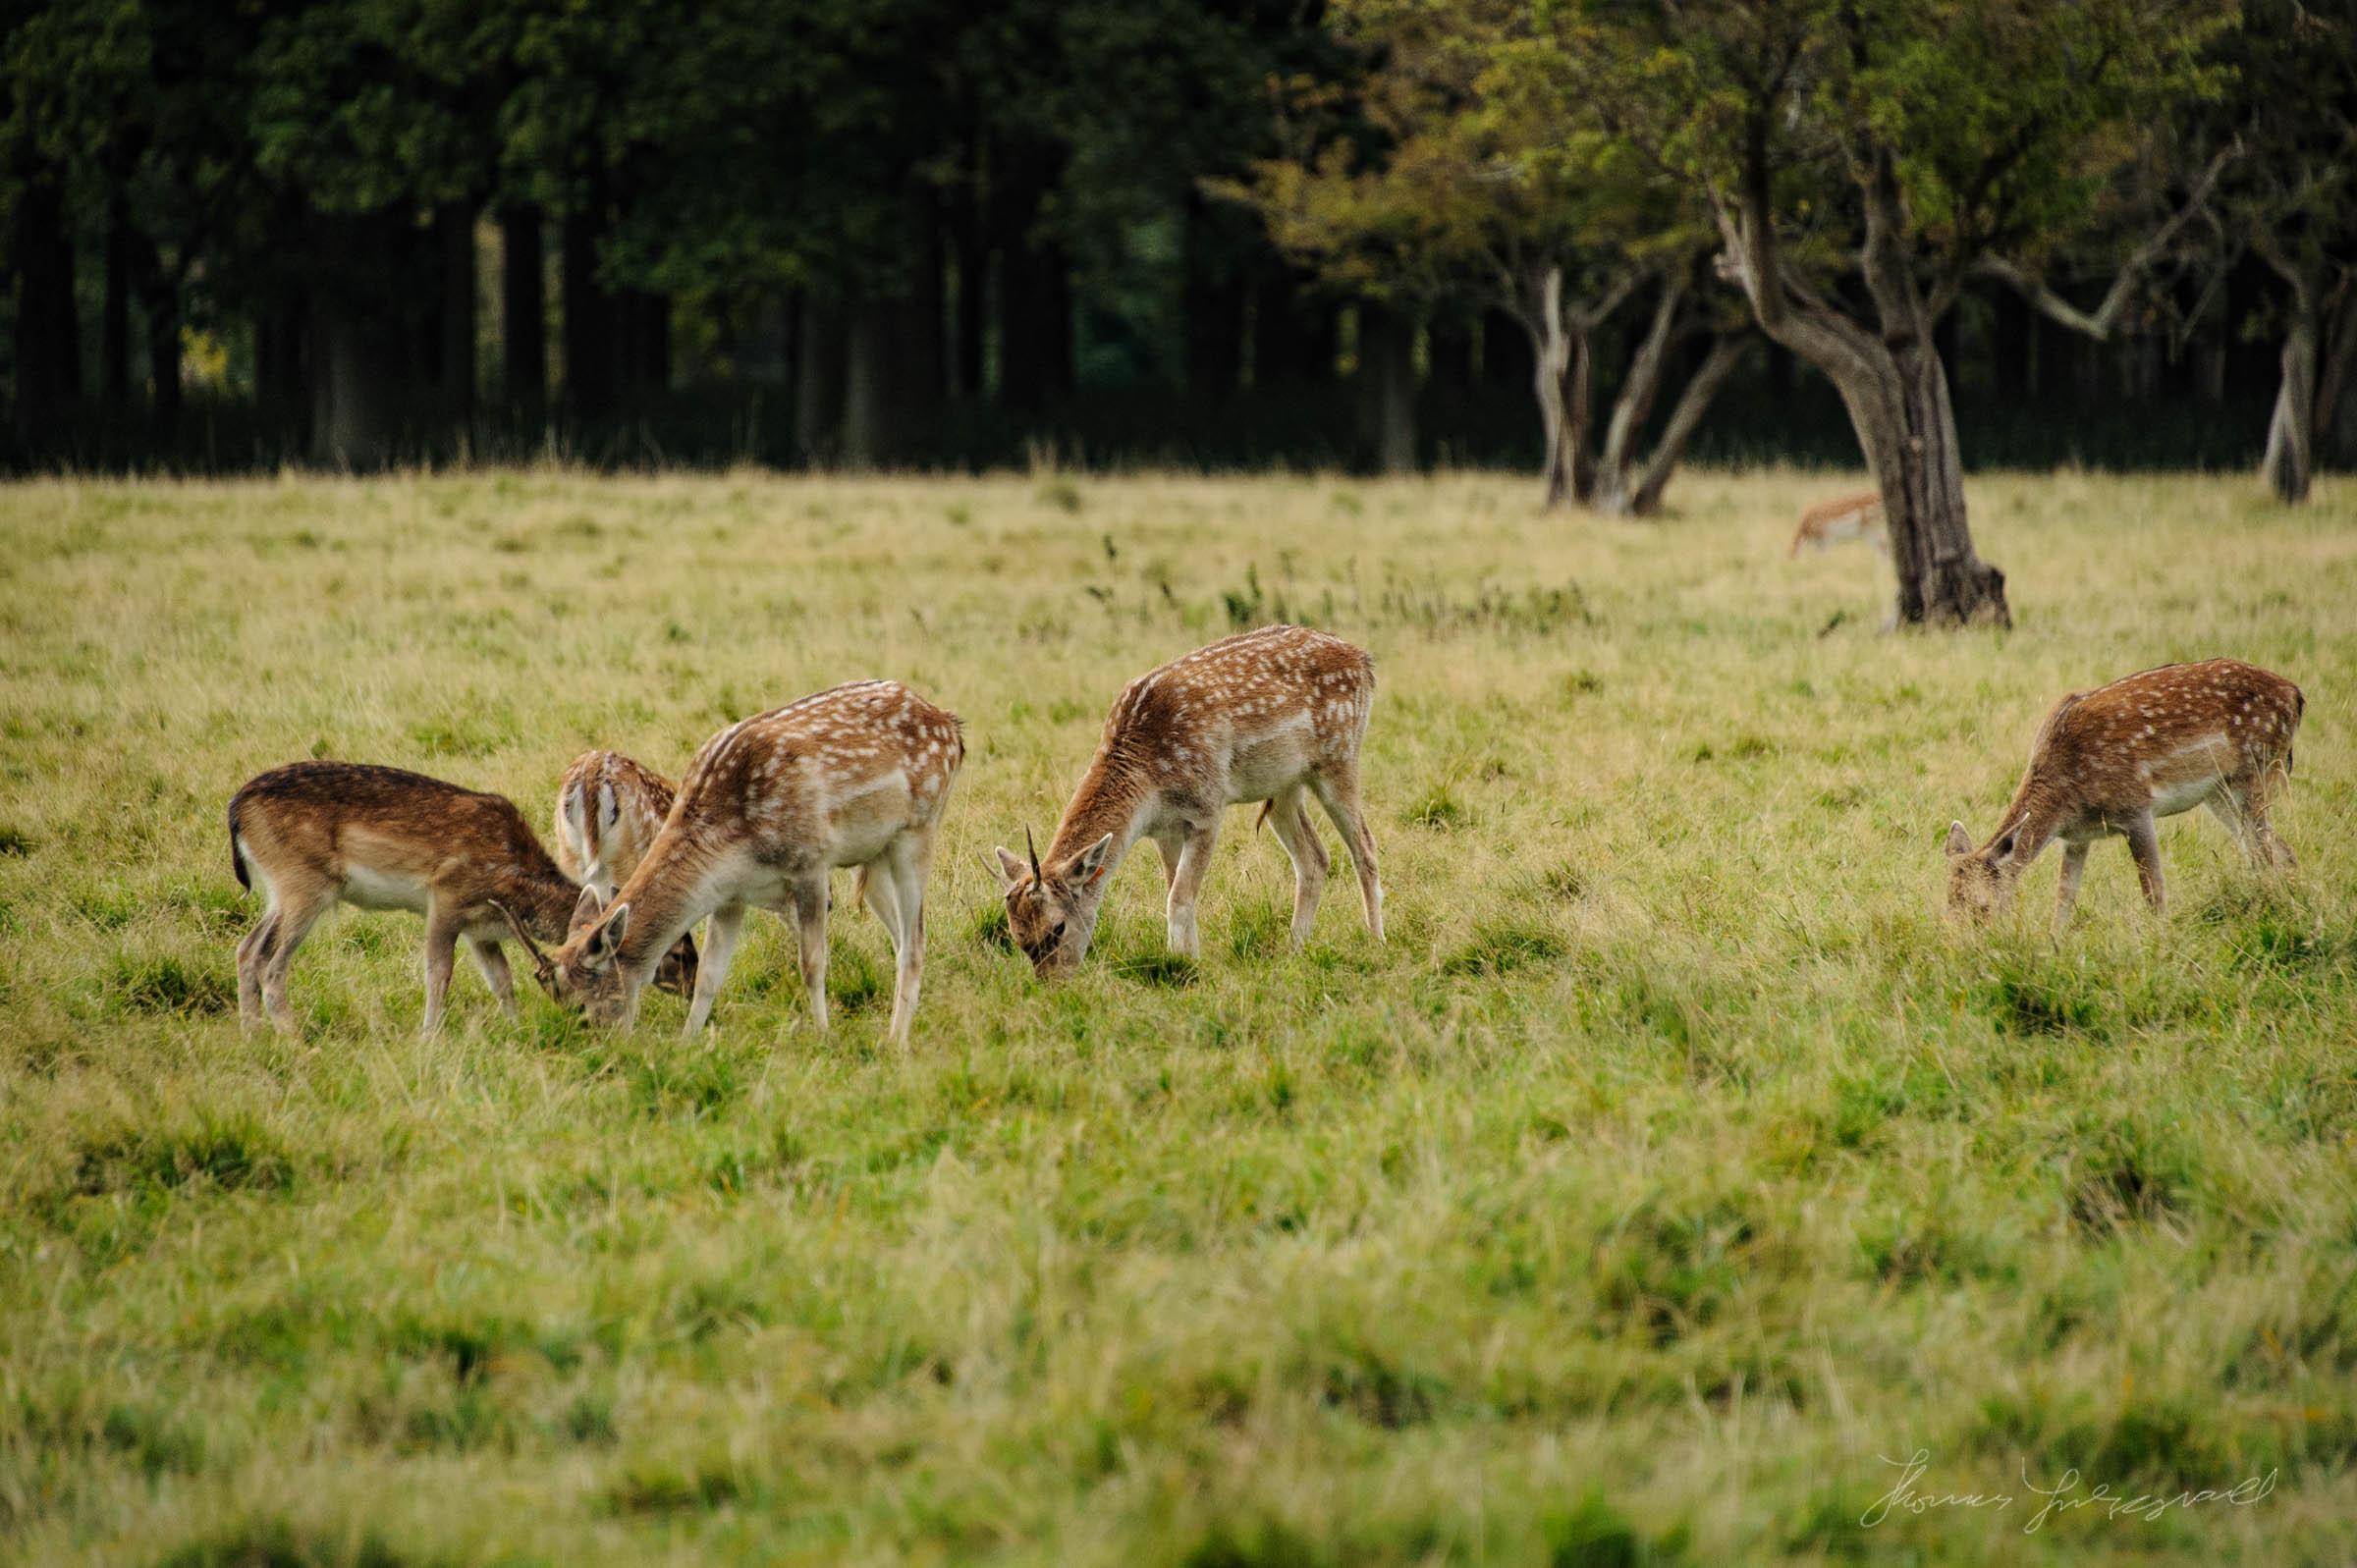 Pheonix-Park-Deer-10.jpg